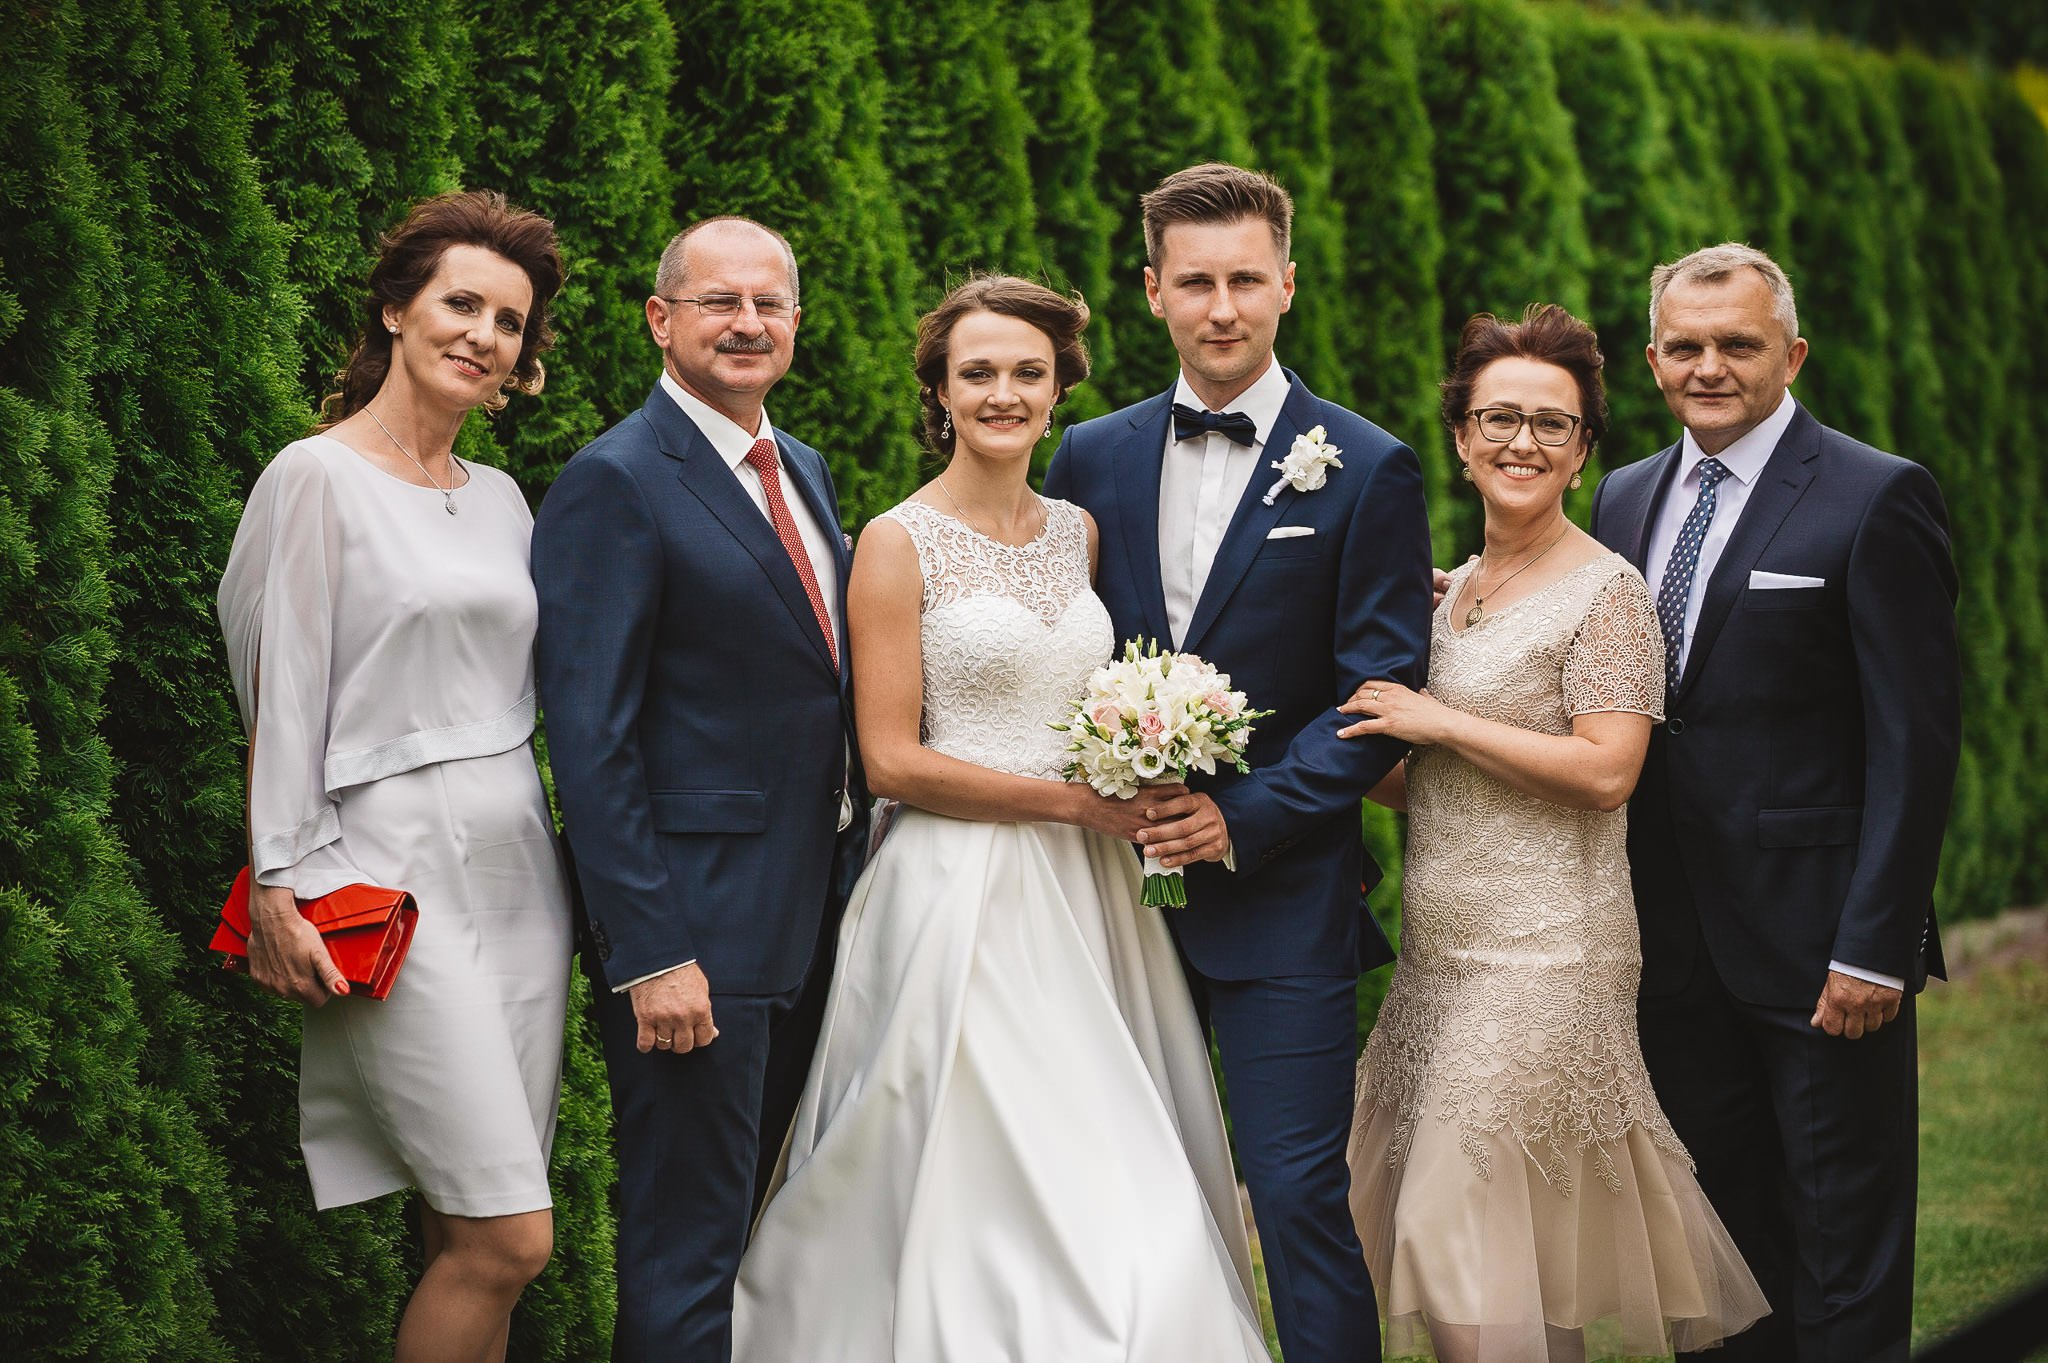 zdjęcia pozowane z rodziną, para młoda i rodzice, piękna pamiątka, zdjęcia ślubne